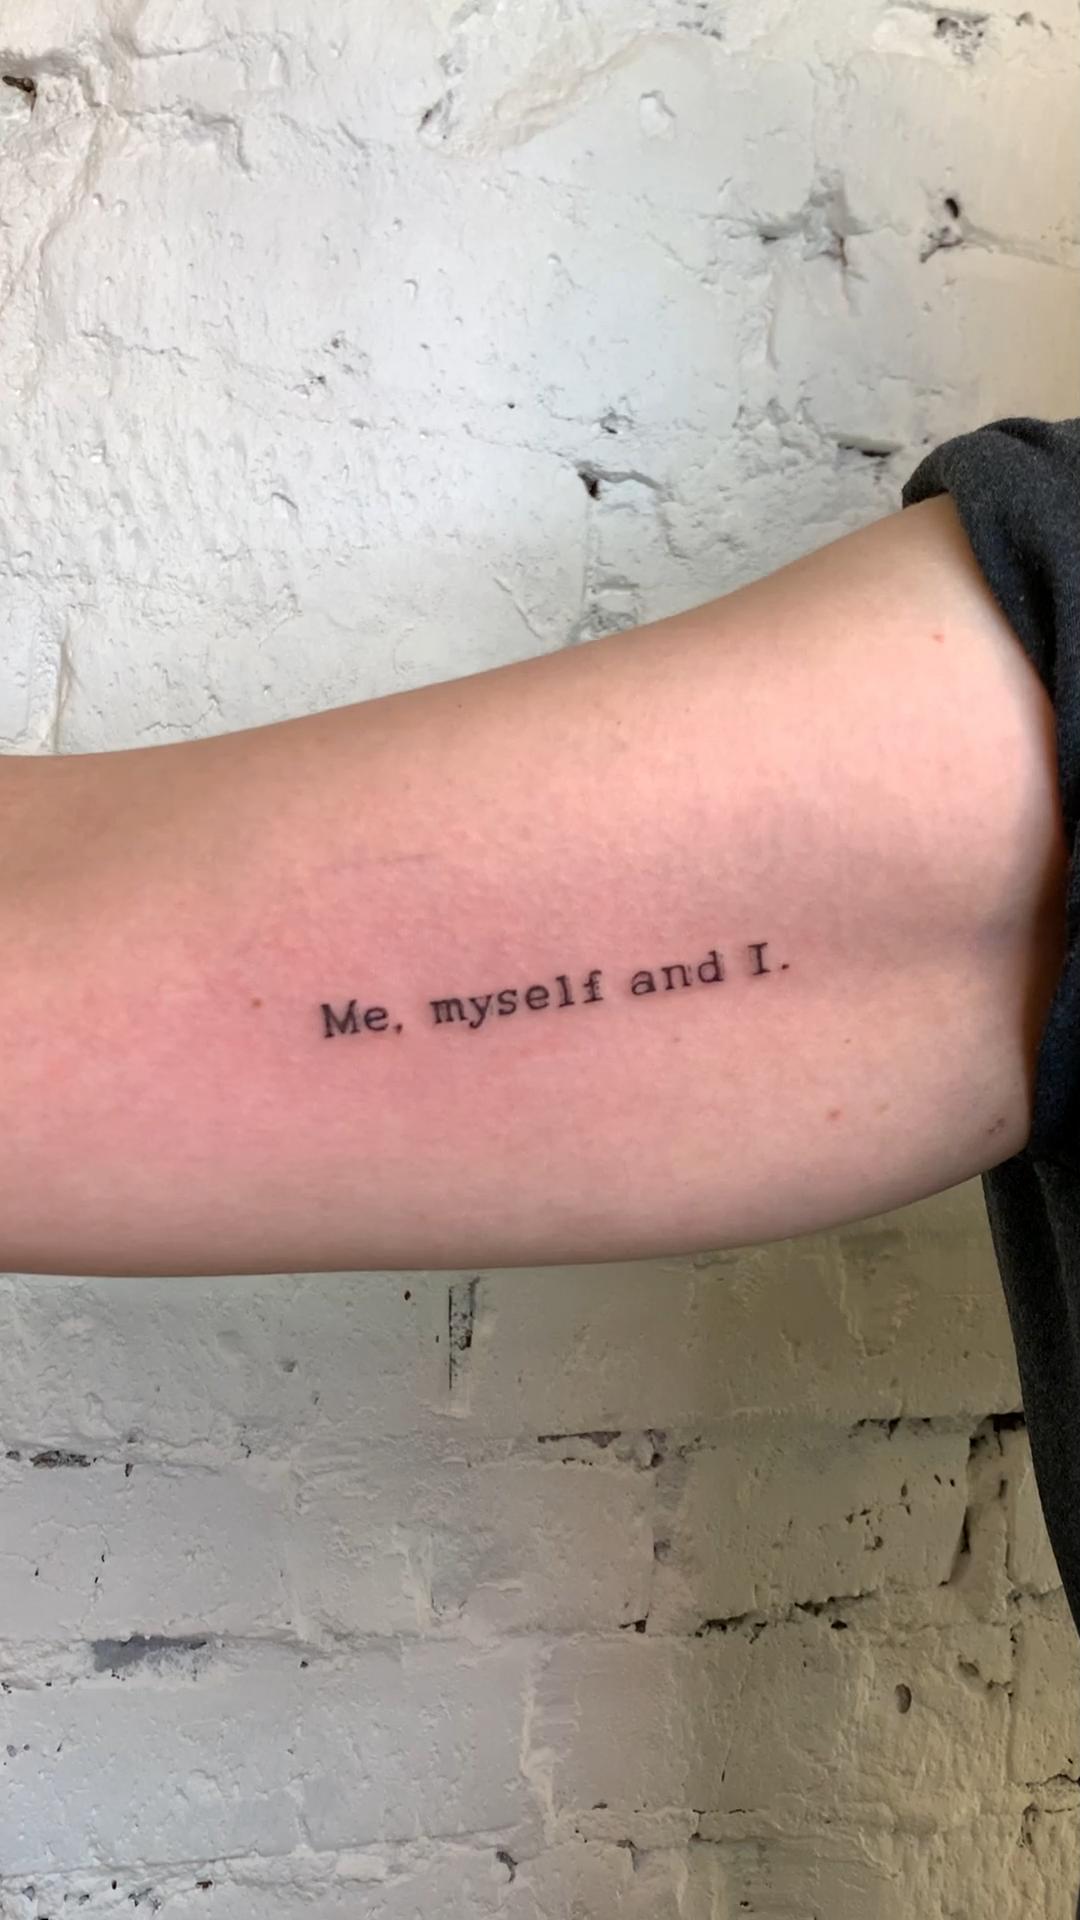 Тату надписи. Мини тату надписи для девушек. 100+ татуировок и эскизов на нашем сайте, заходи!